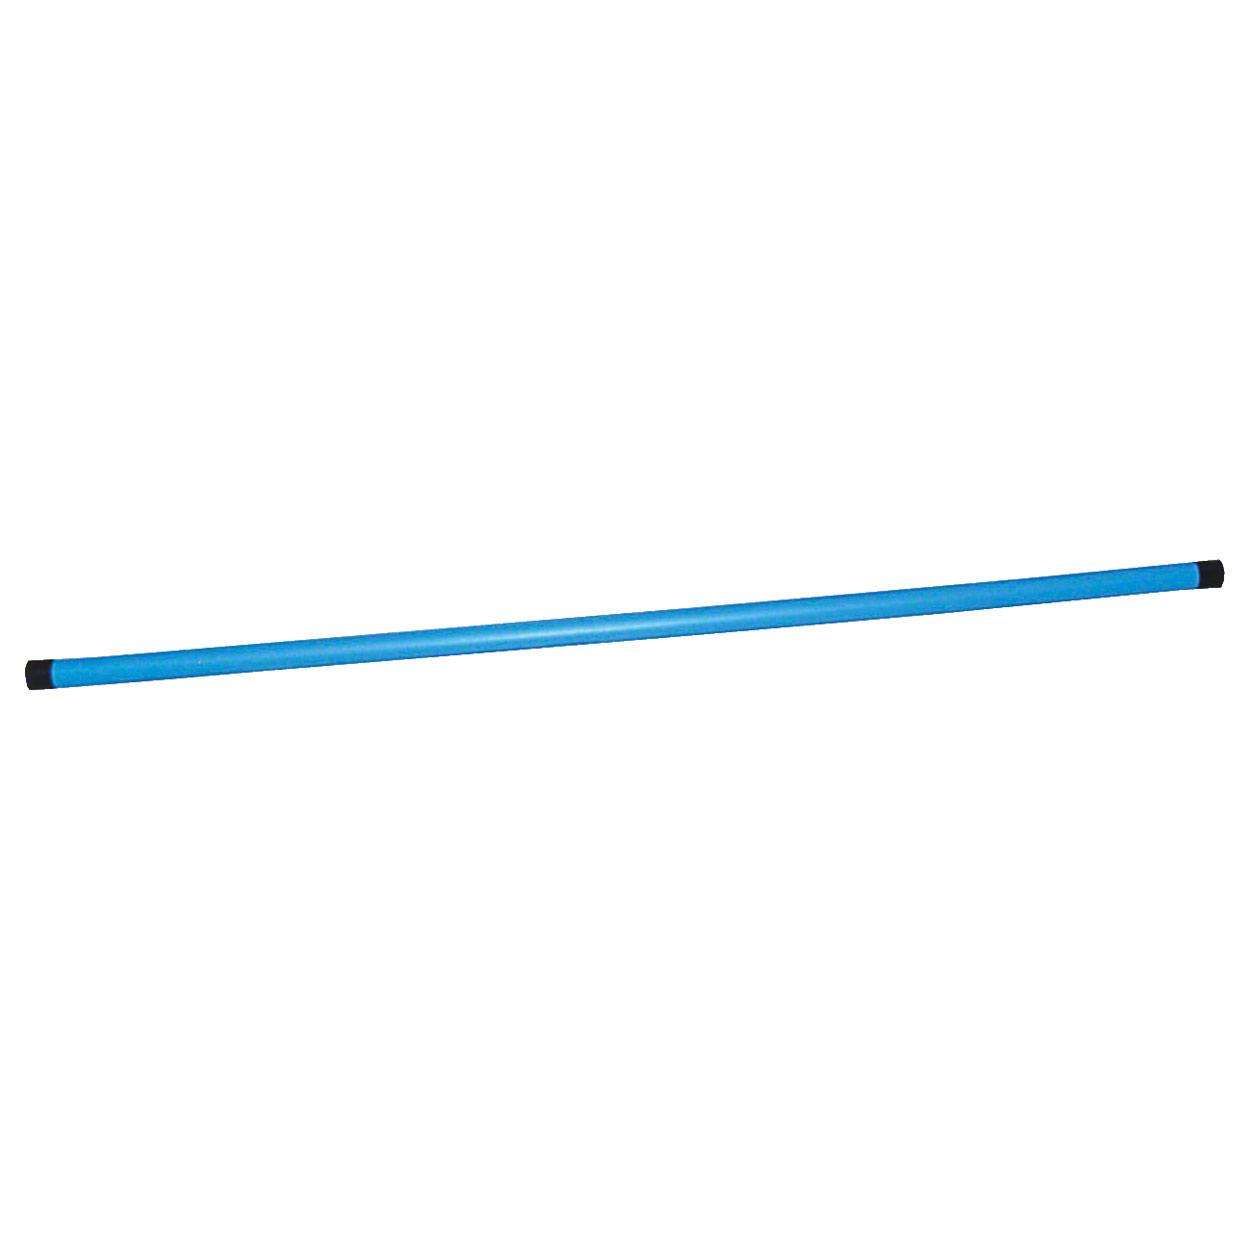 Gewichtsstange Fit Bar /ø 2,8 cm x 120 cm